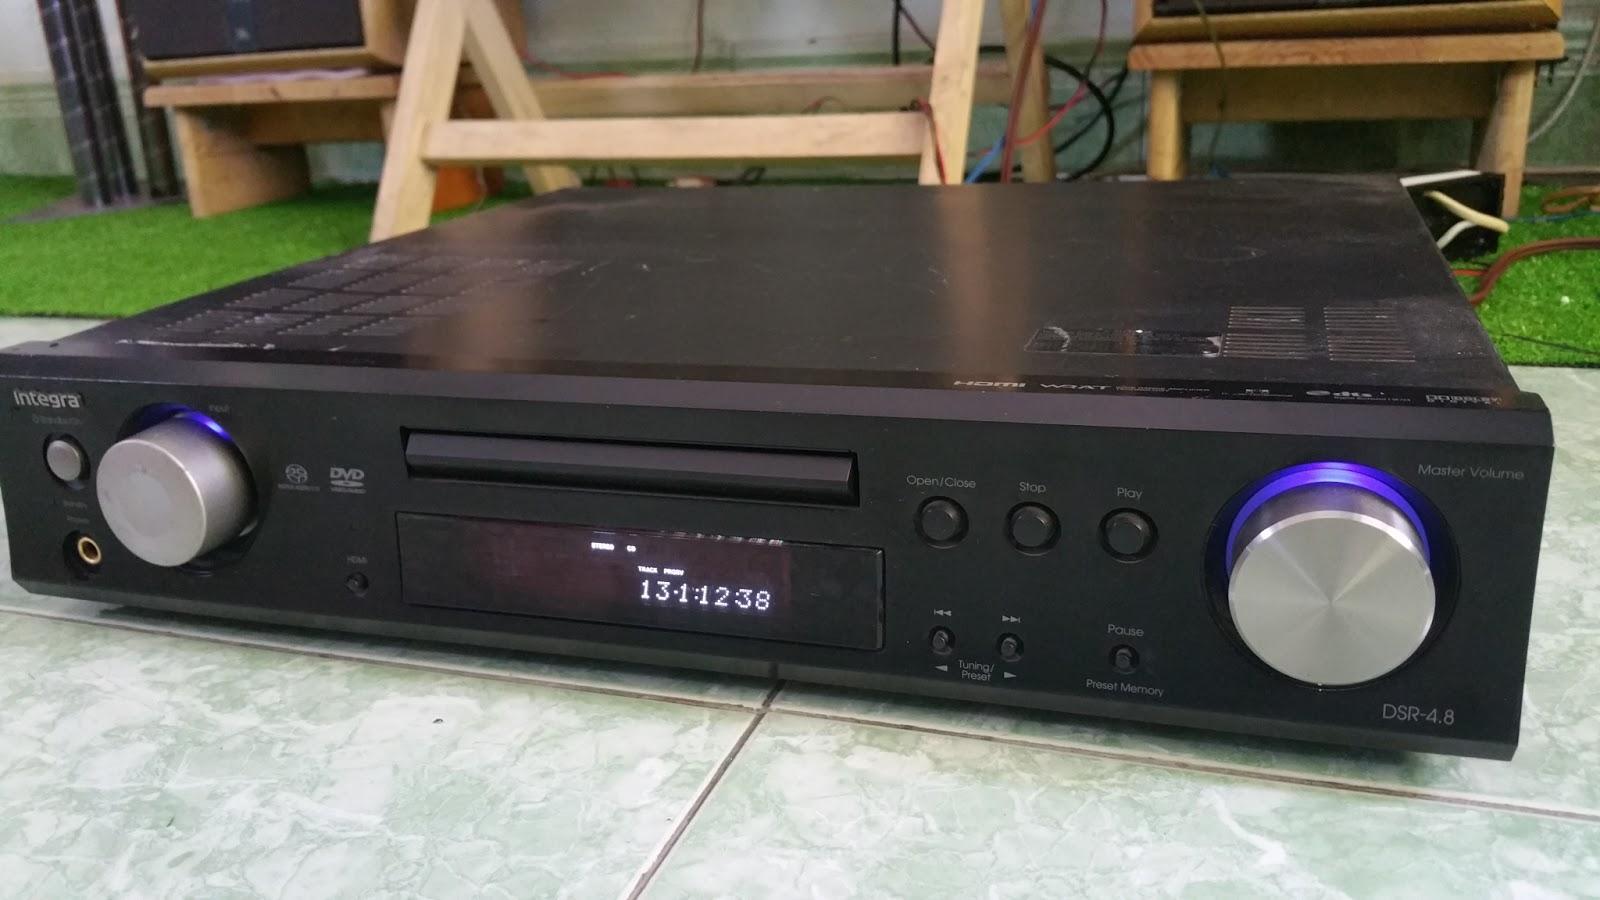 Ampli 5.1 (receiver) đời mới TrueHD, DTs, FullHD, 4 port HDMI